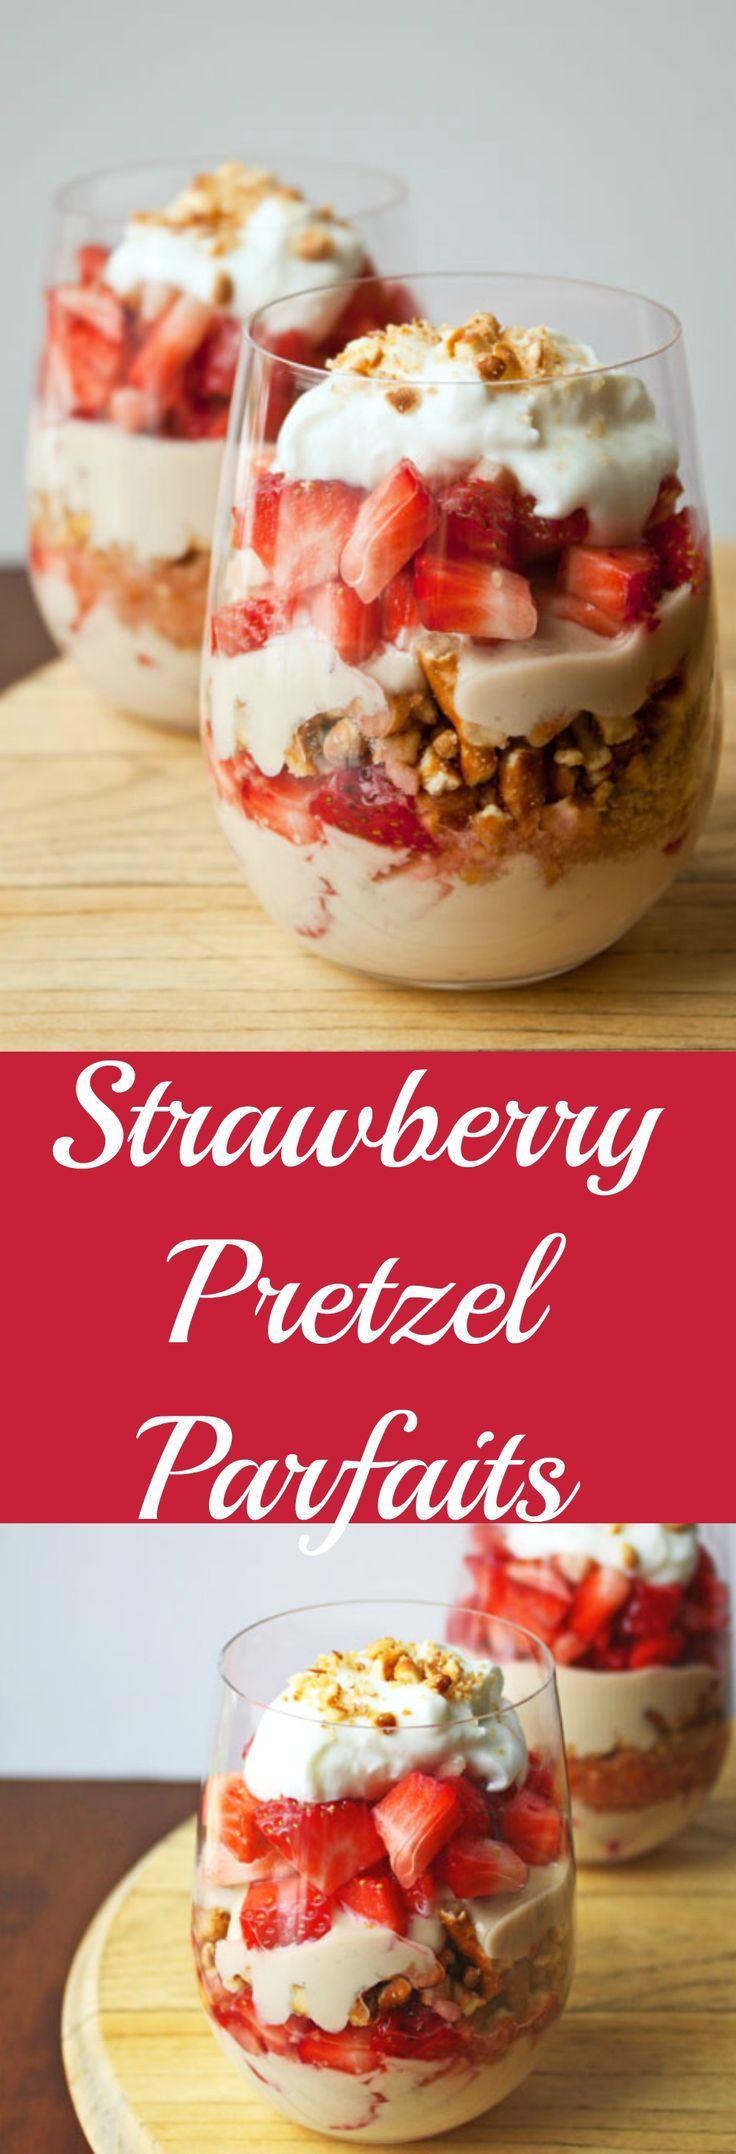 Eperparfé - Strawberry Pretzel Salad in parfait form #strawberry #parfait #dessert #delicious